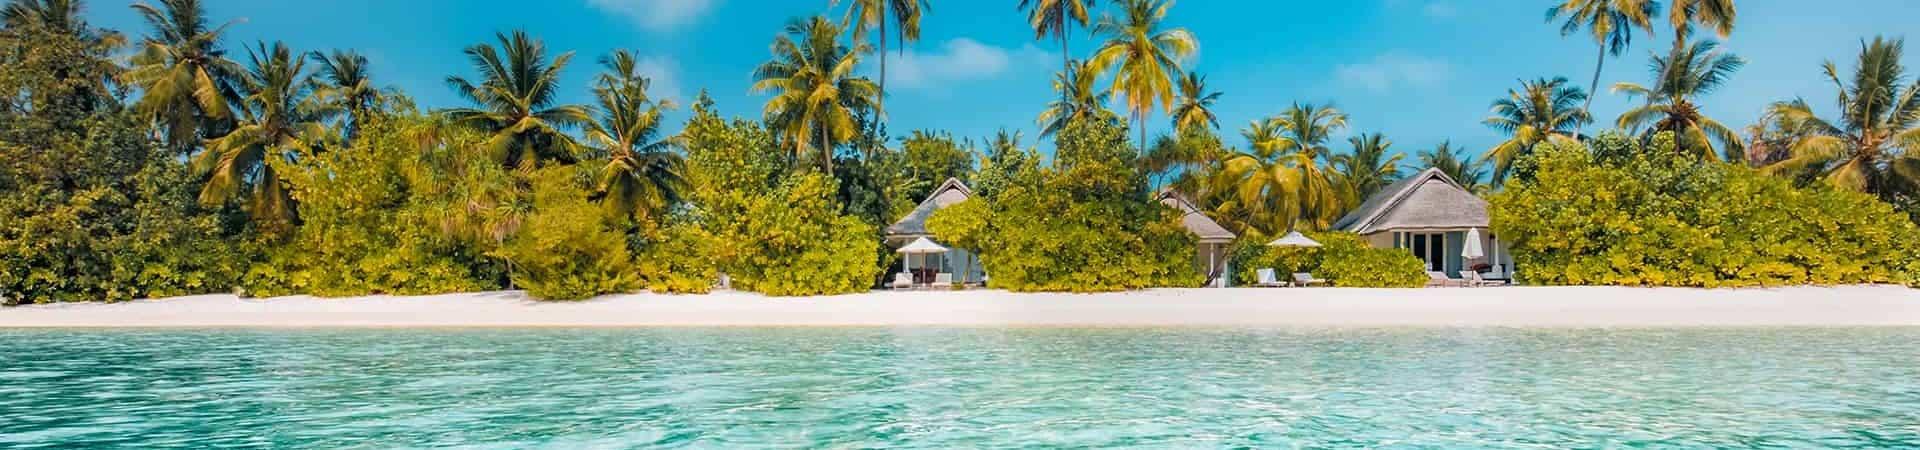 Vue sur une île des Bahamas